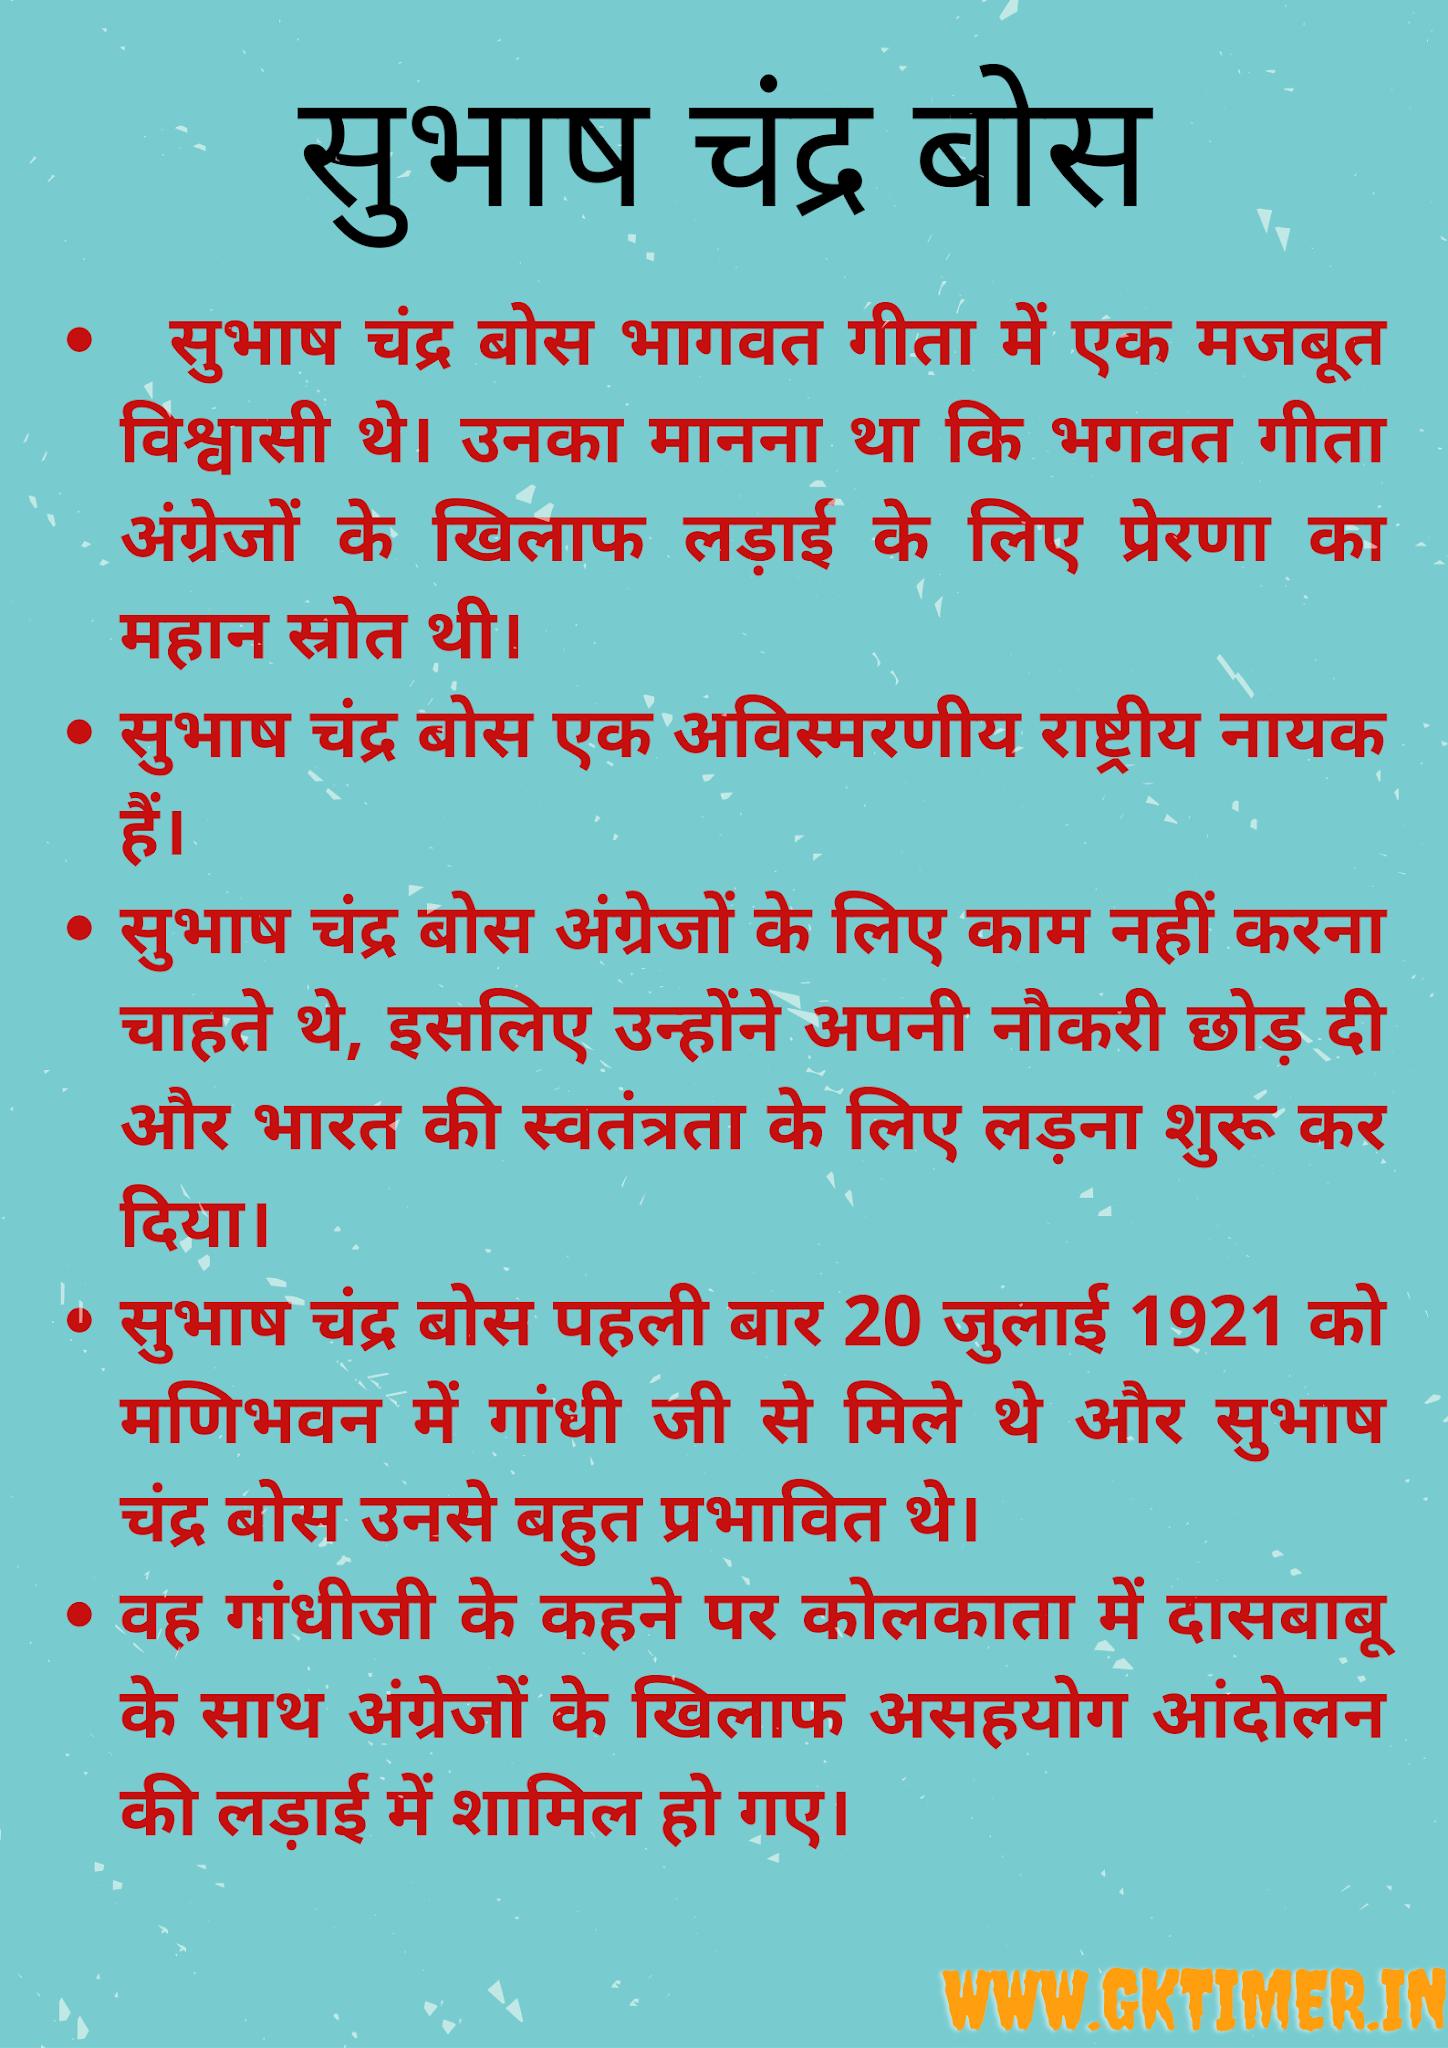 सुभाष चंद्र बोस के बारे में 10 पंक्तियाँ   Subhash Chandra Bose in Hindi : 10 Lines on Subhash Chandra Bose in Hindi